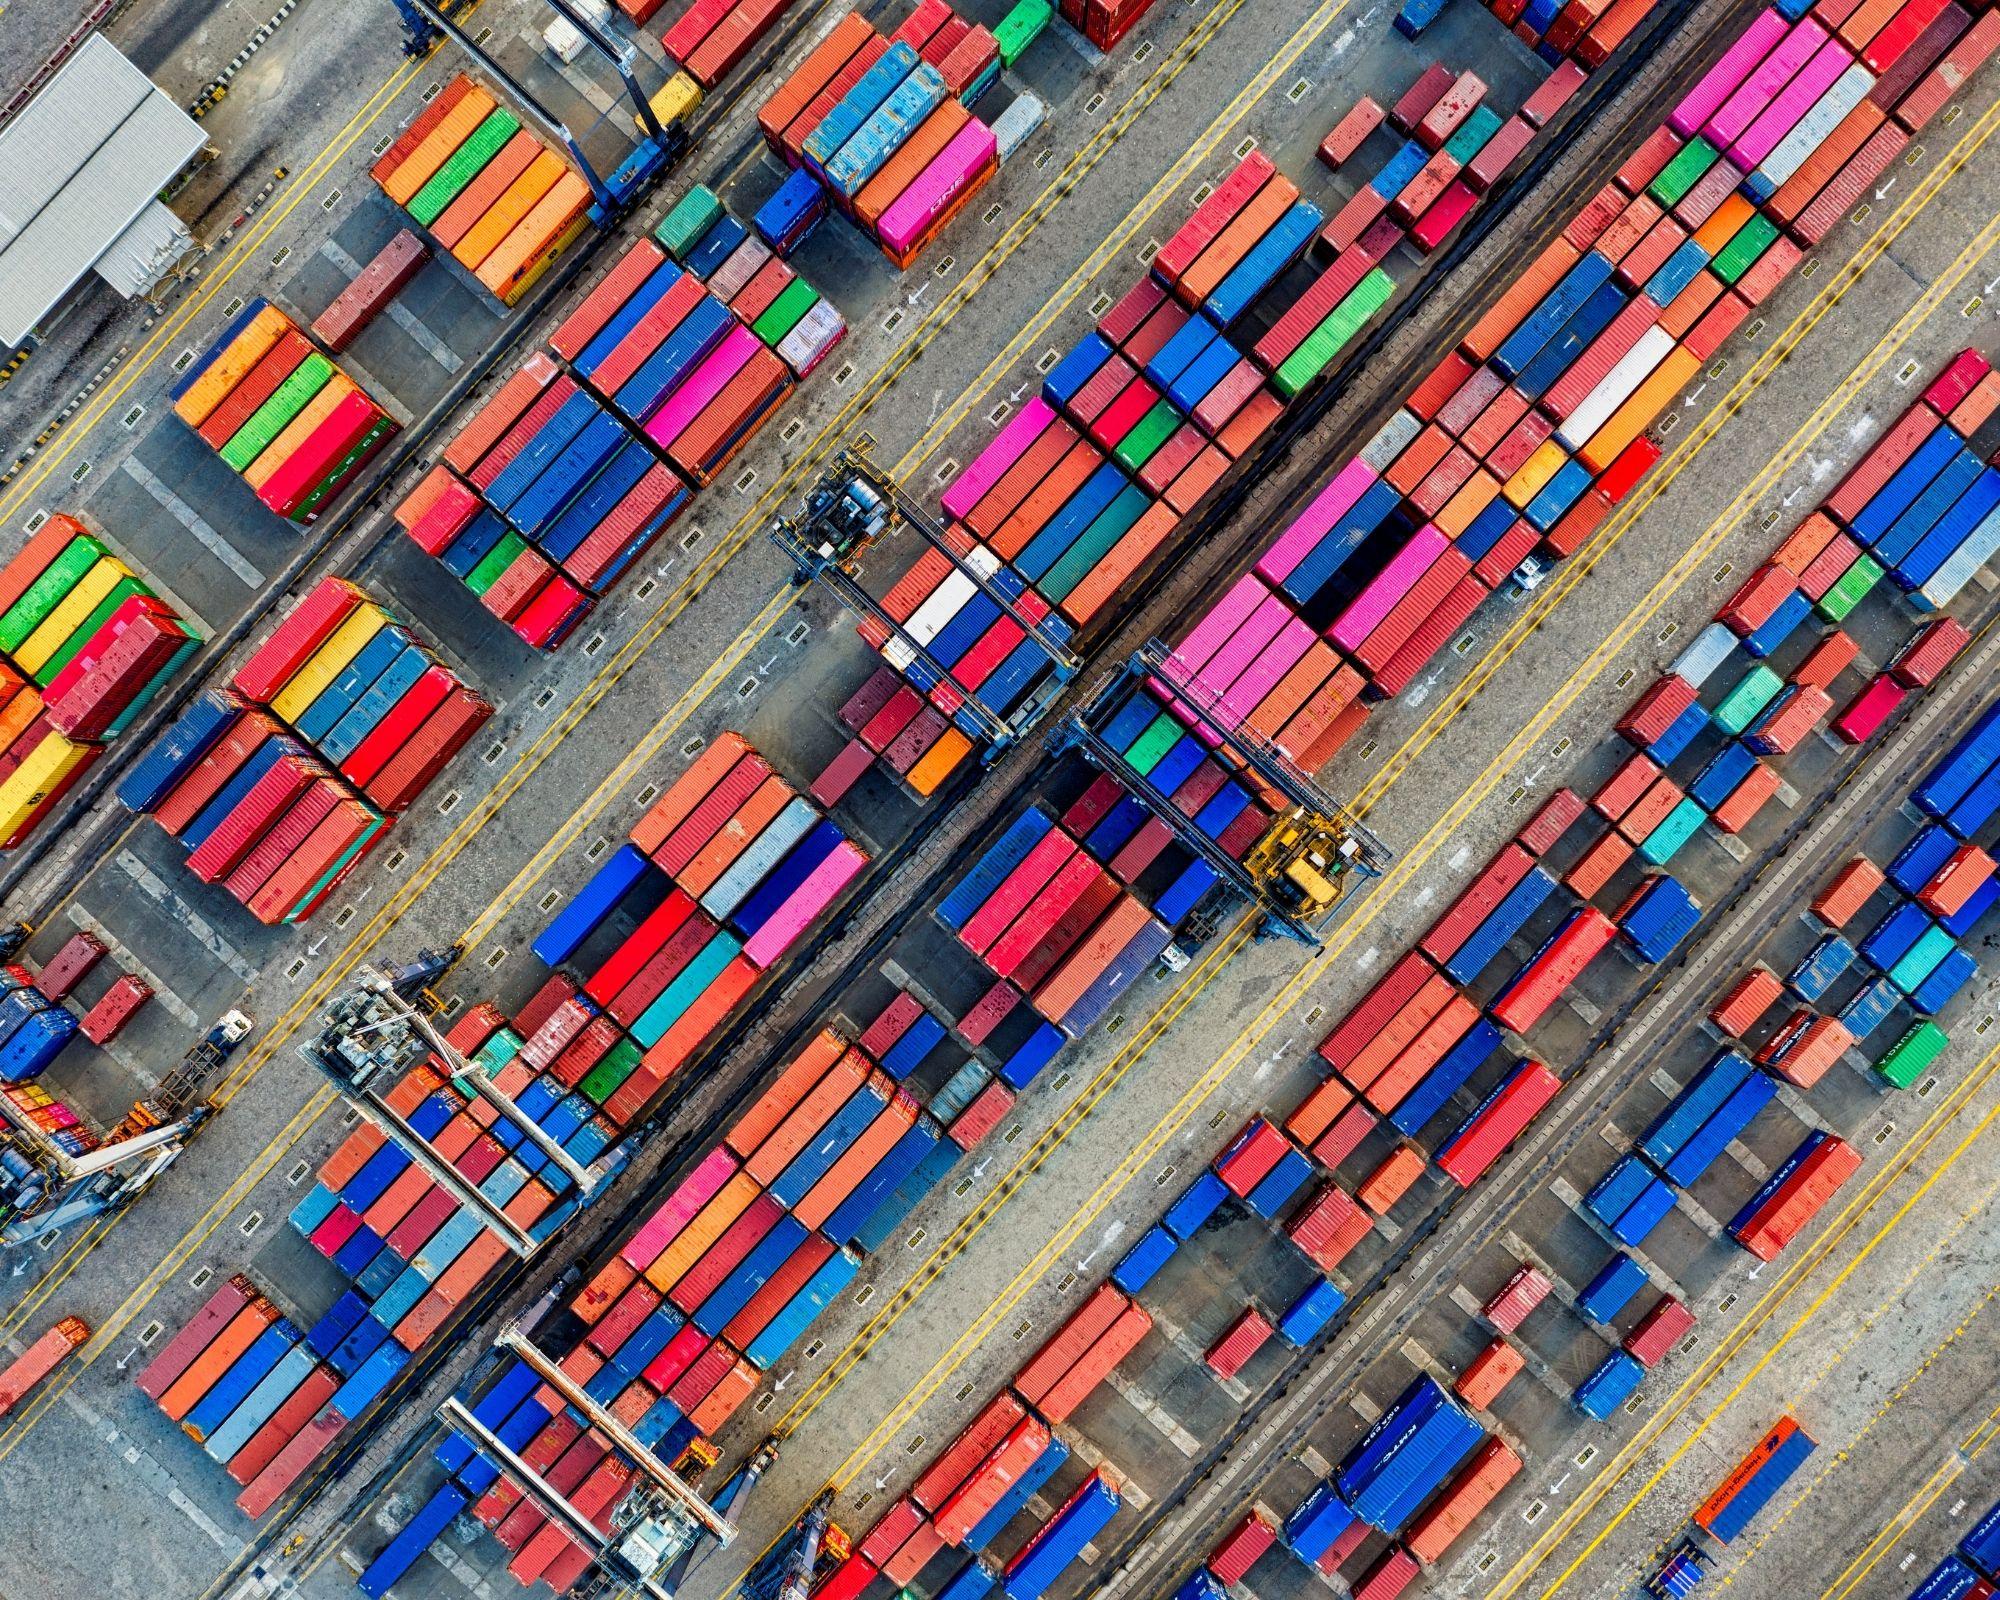 Vigyázzon a kínai gyártmányú számok szerinti kifestők viszonteladóval!